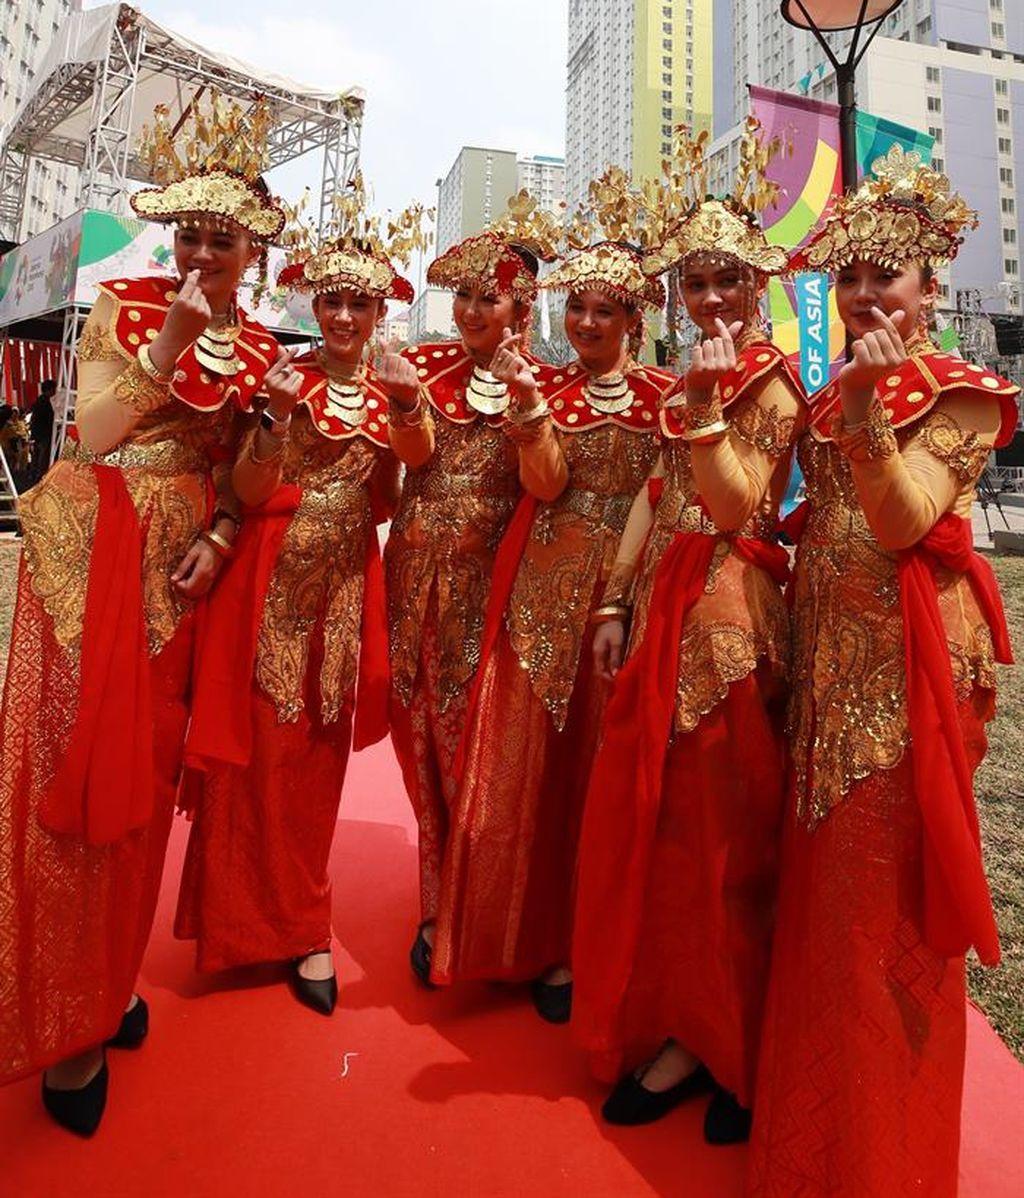 Juegos Asiáticos en Indonesia